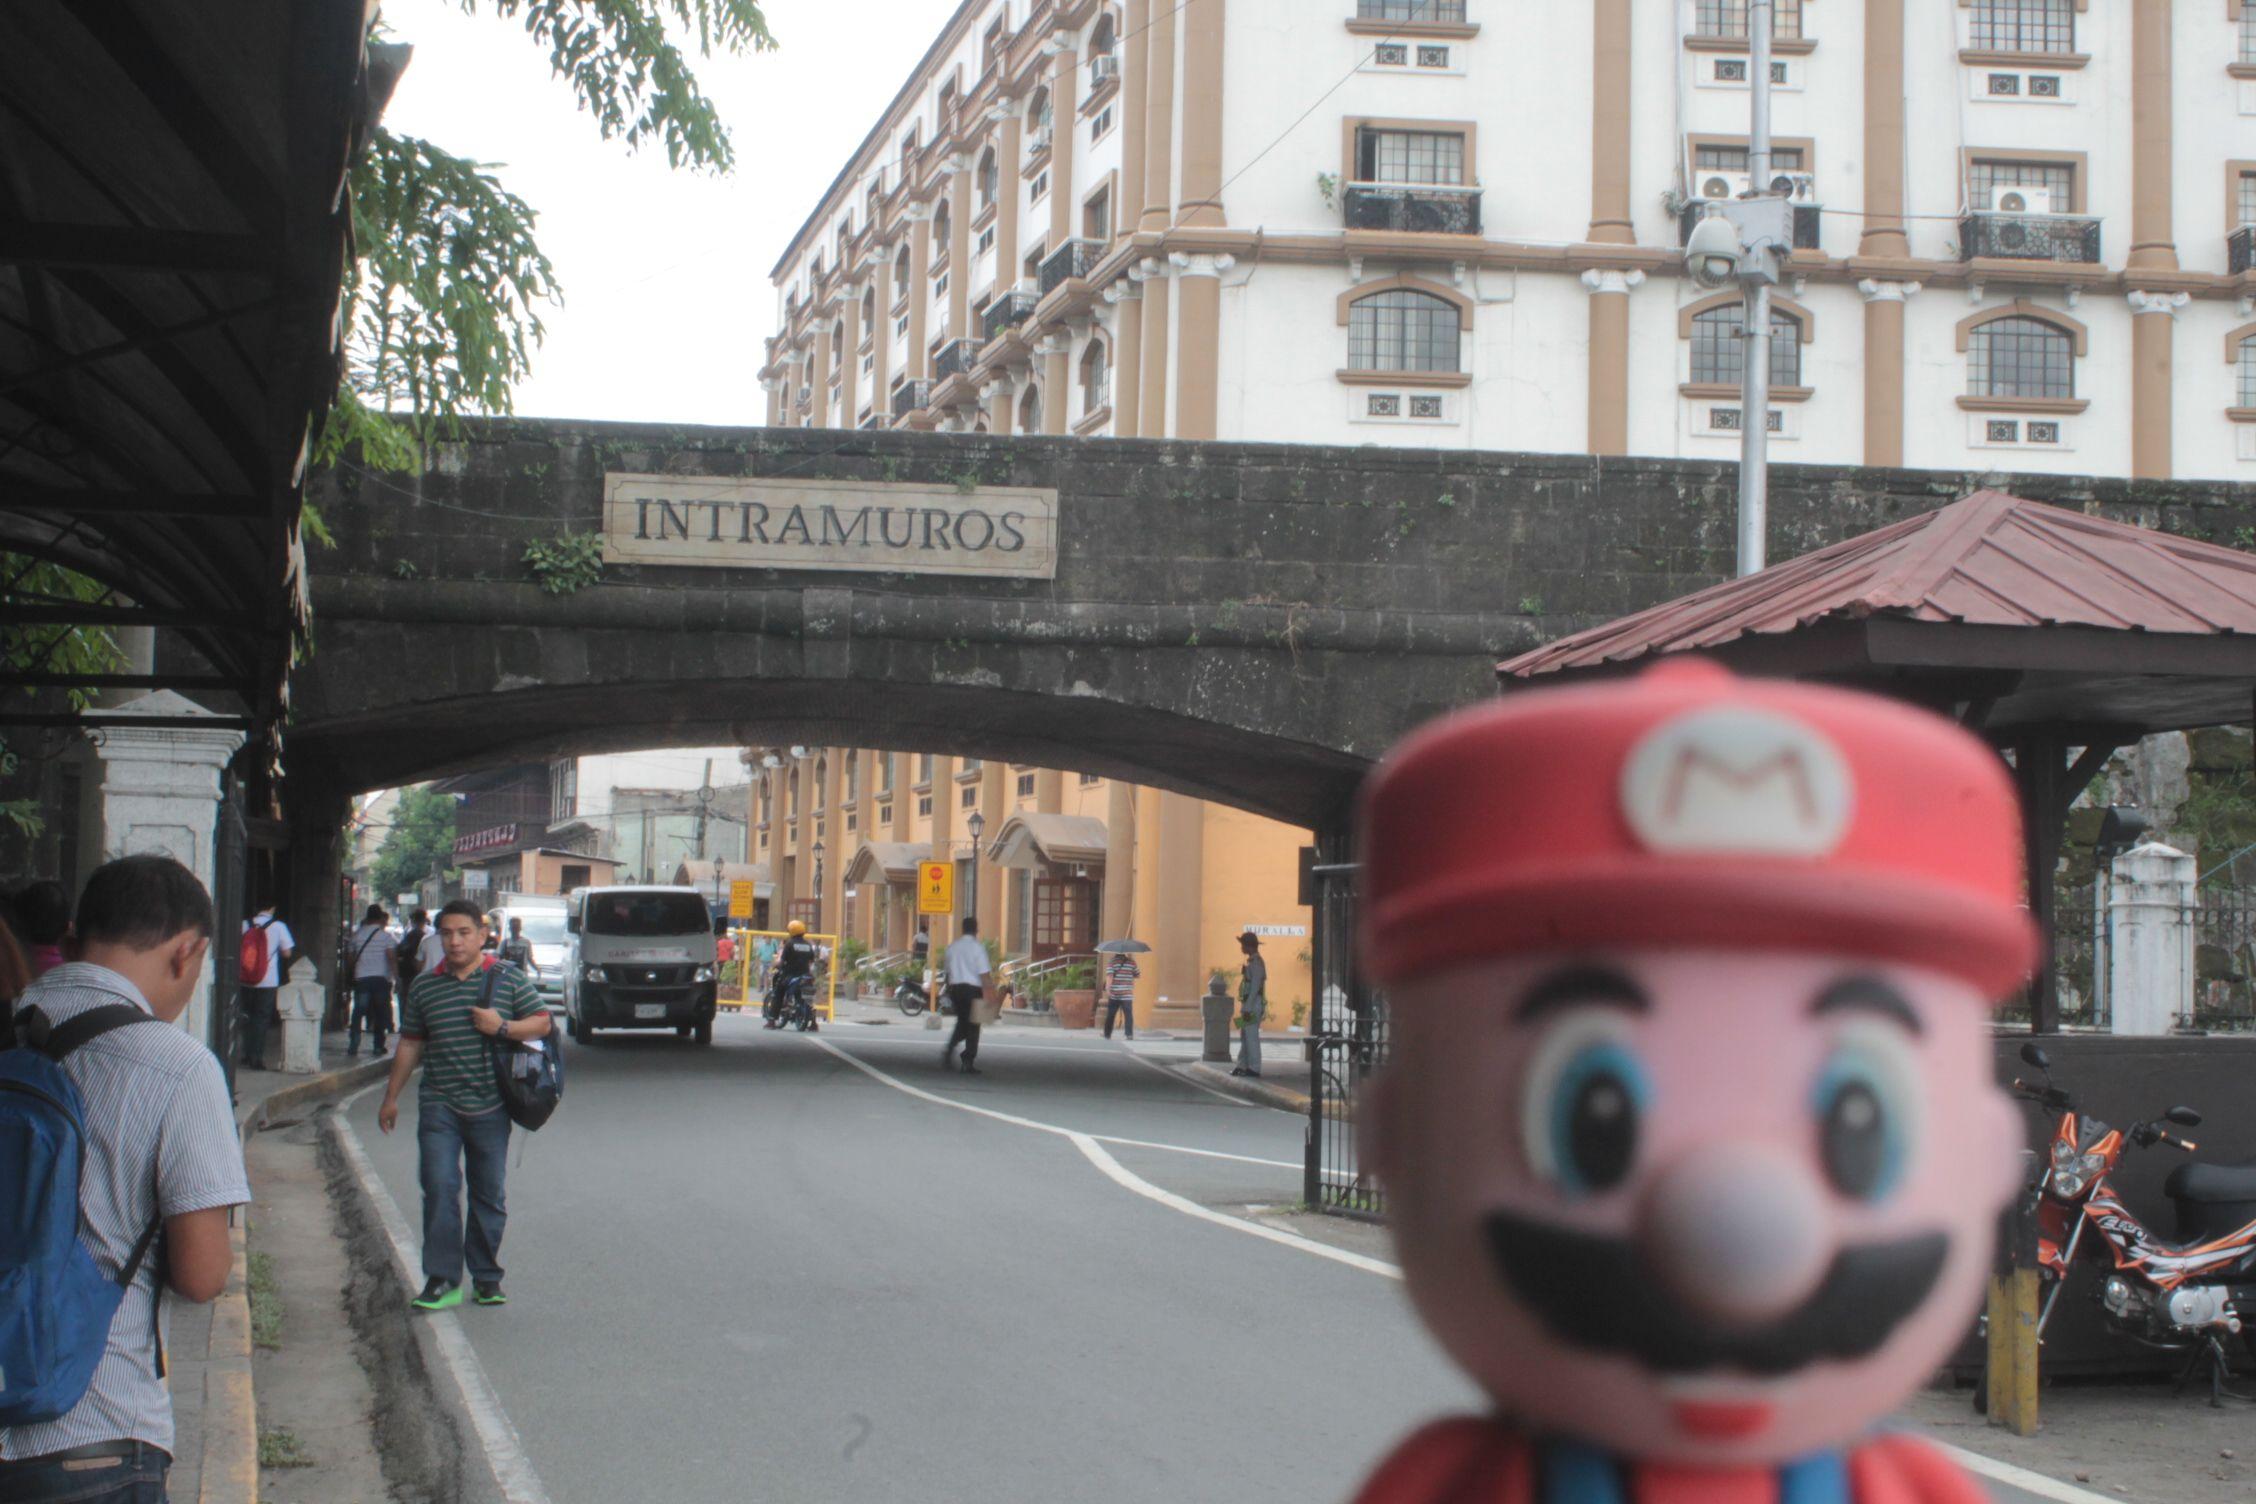 En Intramuros, Manila